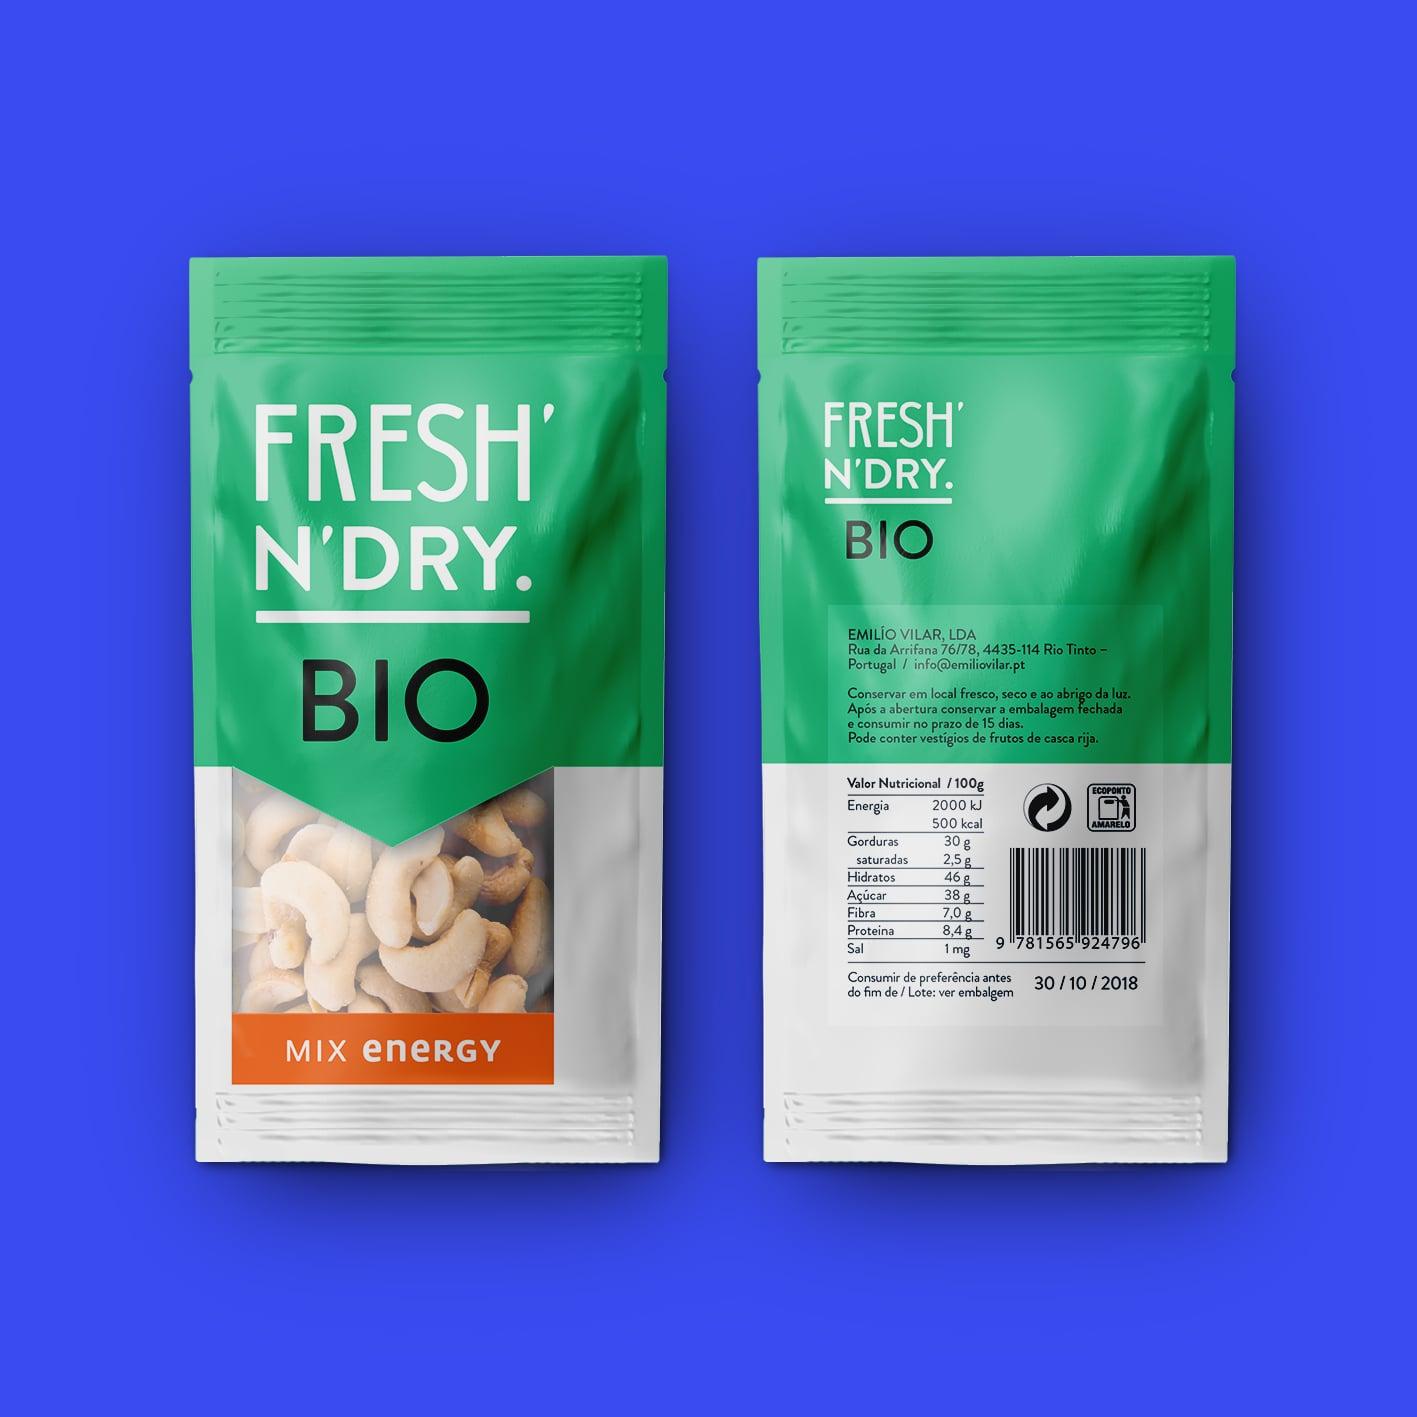 Freshndry_Bio_frenteverso